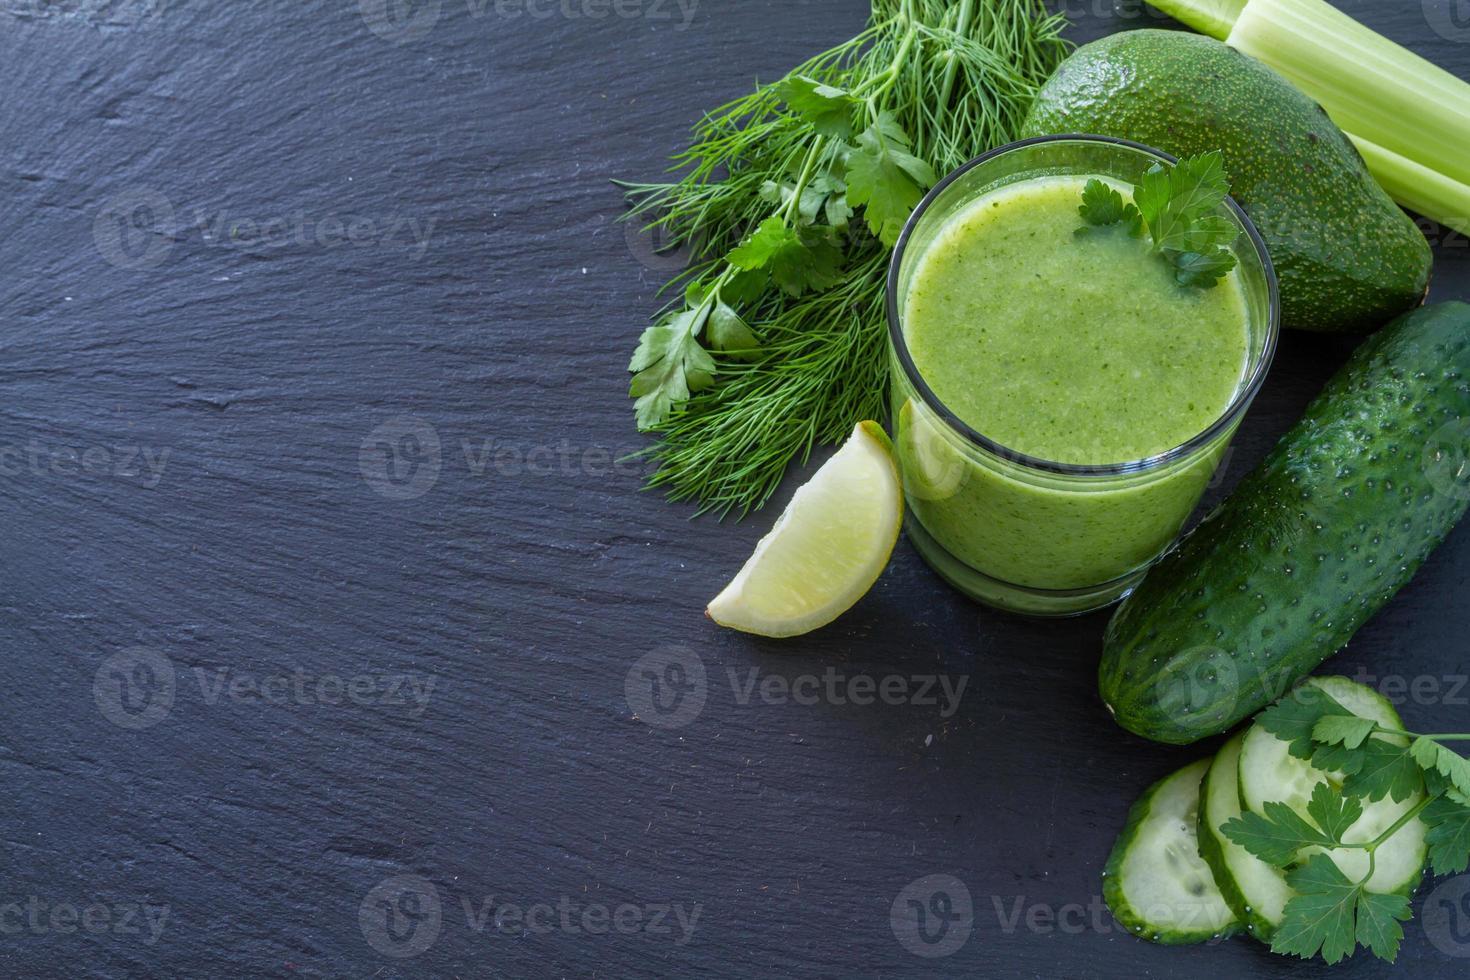 groene smoothie en ingrediënten - avocado, appel, komkommer, kiwi, citroen foto